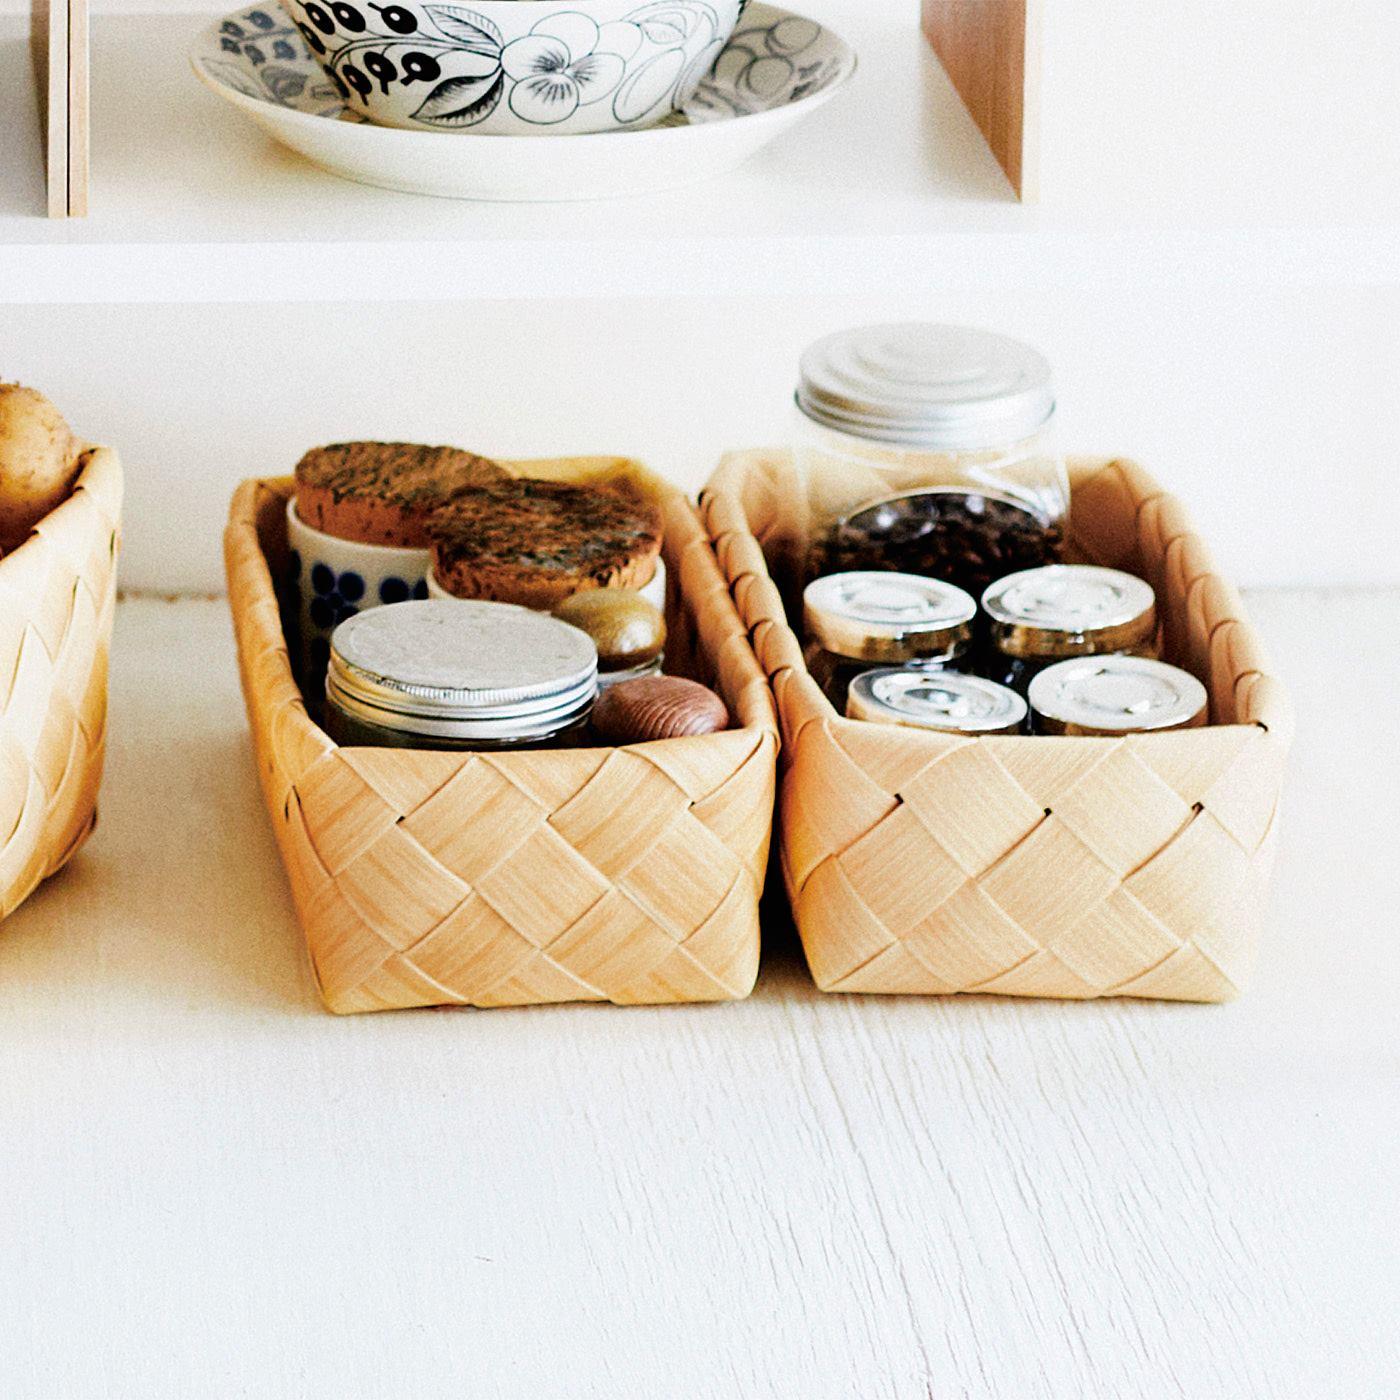 白樺(かば)で編んだような洗えるバスケット〈レクタングル〉の会